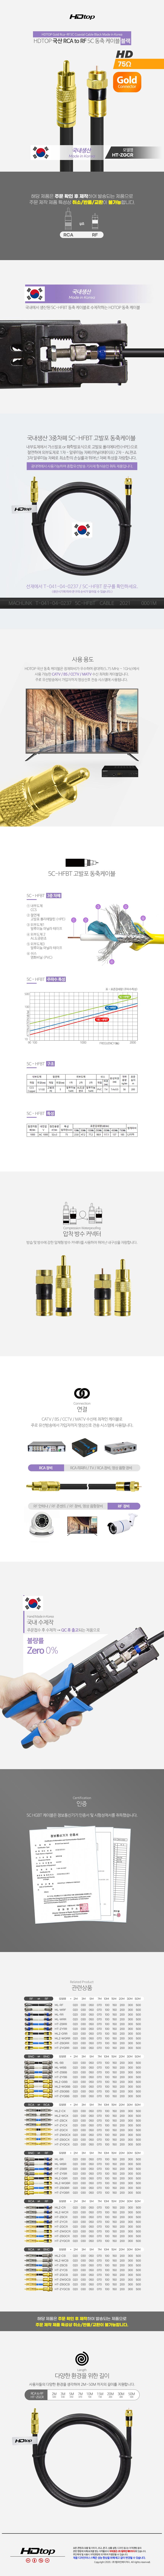 탑라인에이치디 HDTOP 국산 골드 RCA to RF 블랙 5C 동축 케이블 (HT-ZGCR150, 15m)